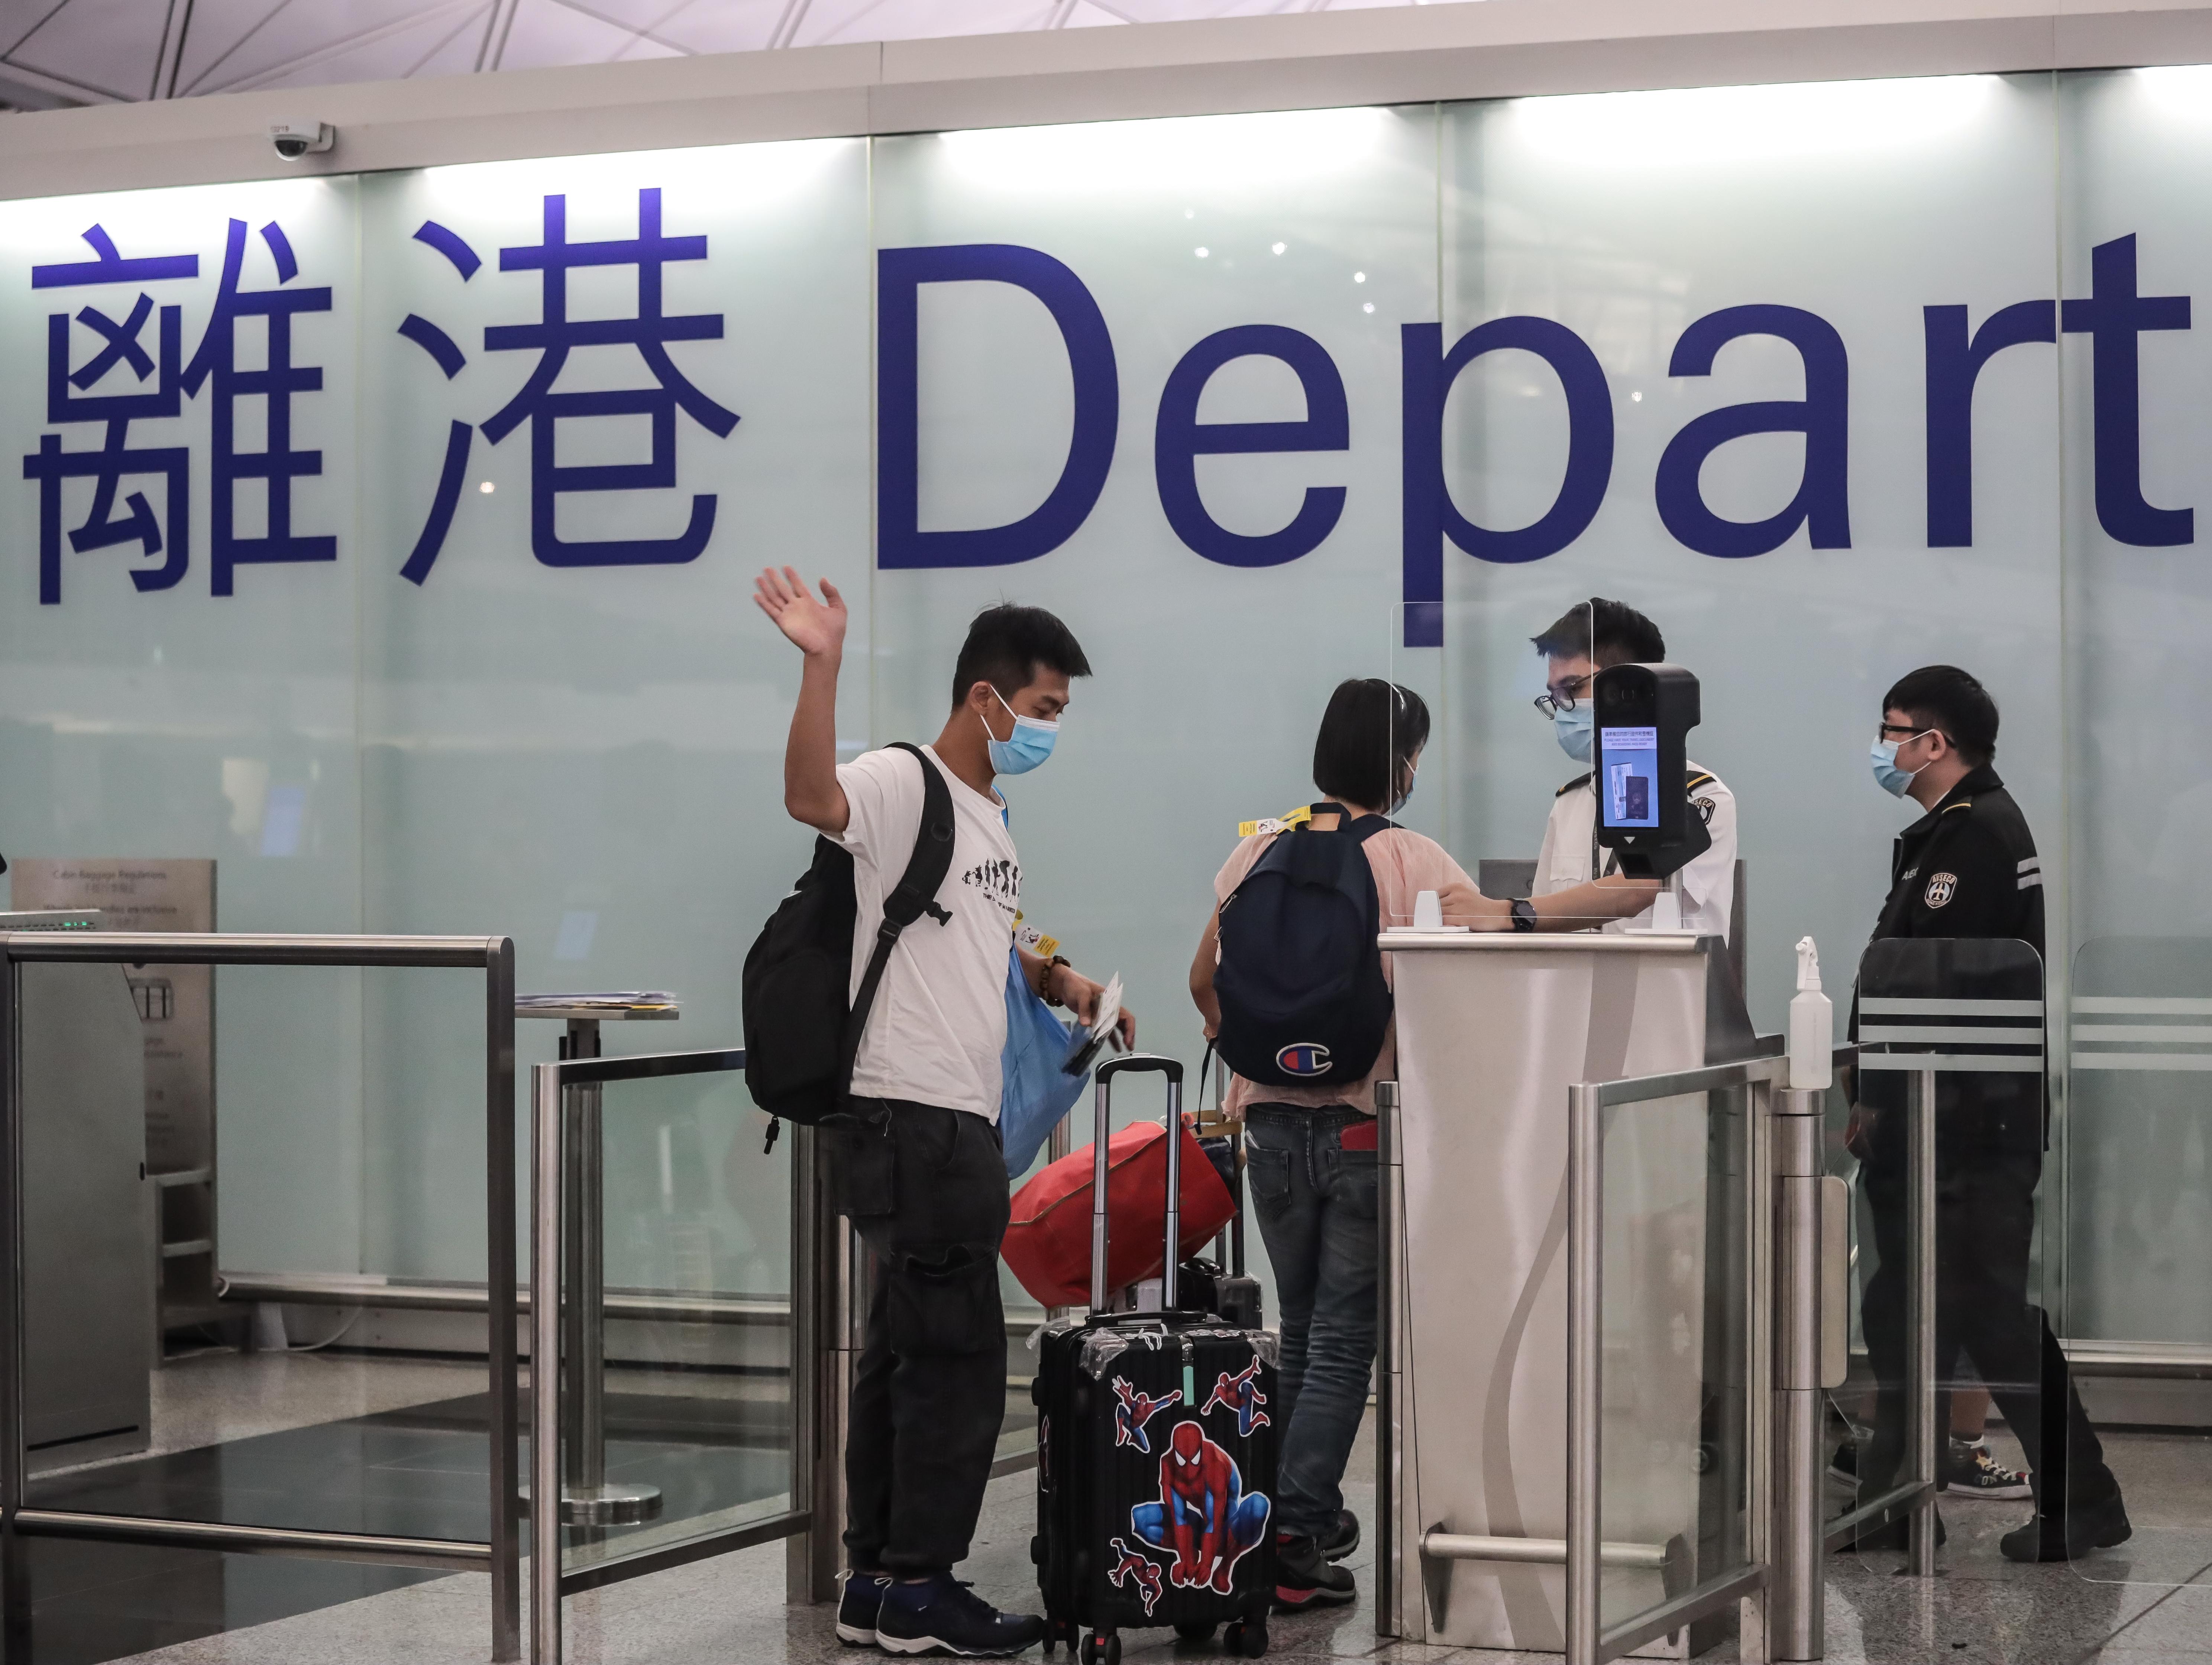 再见了,香港。(张展豪 摄)